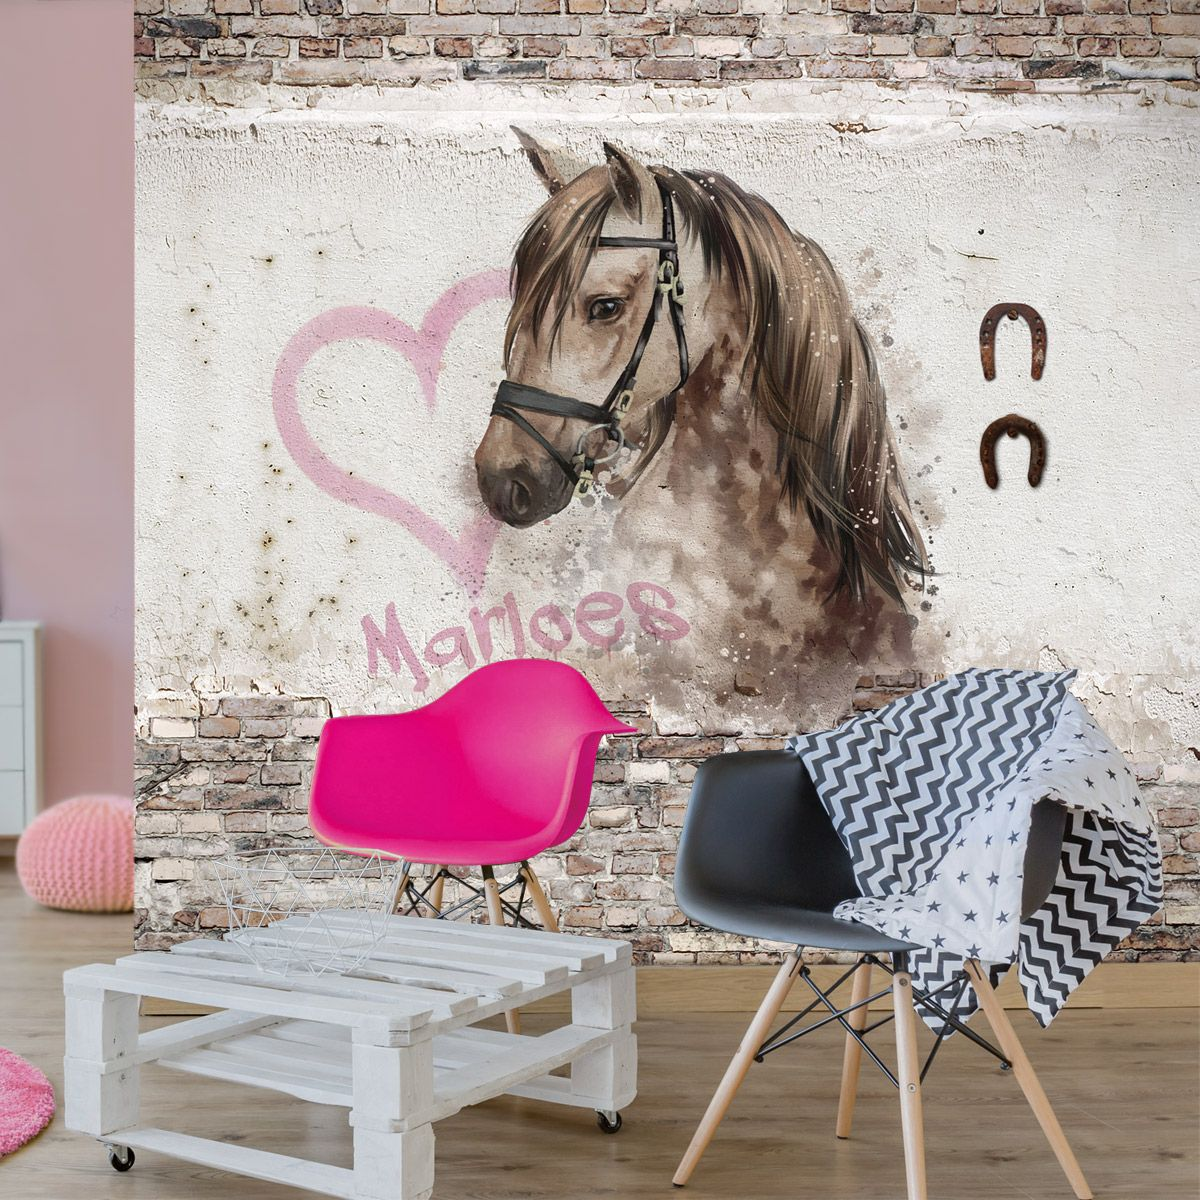 Paarden Behang Posterbehang.Behang Paard Met Eigen Naam Hippeshops Musthaves Kids